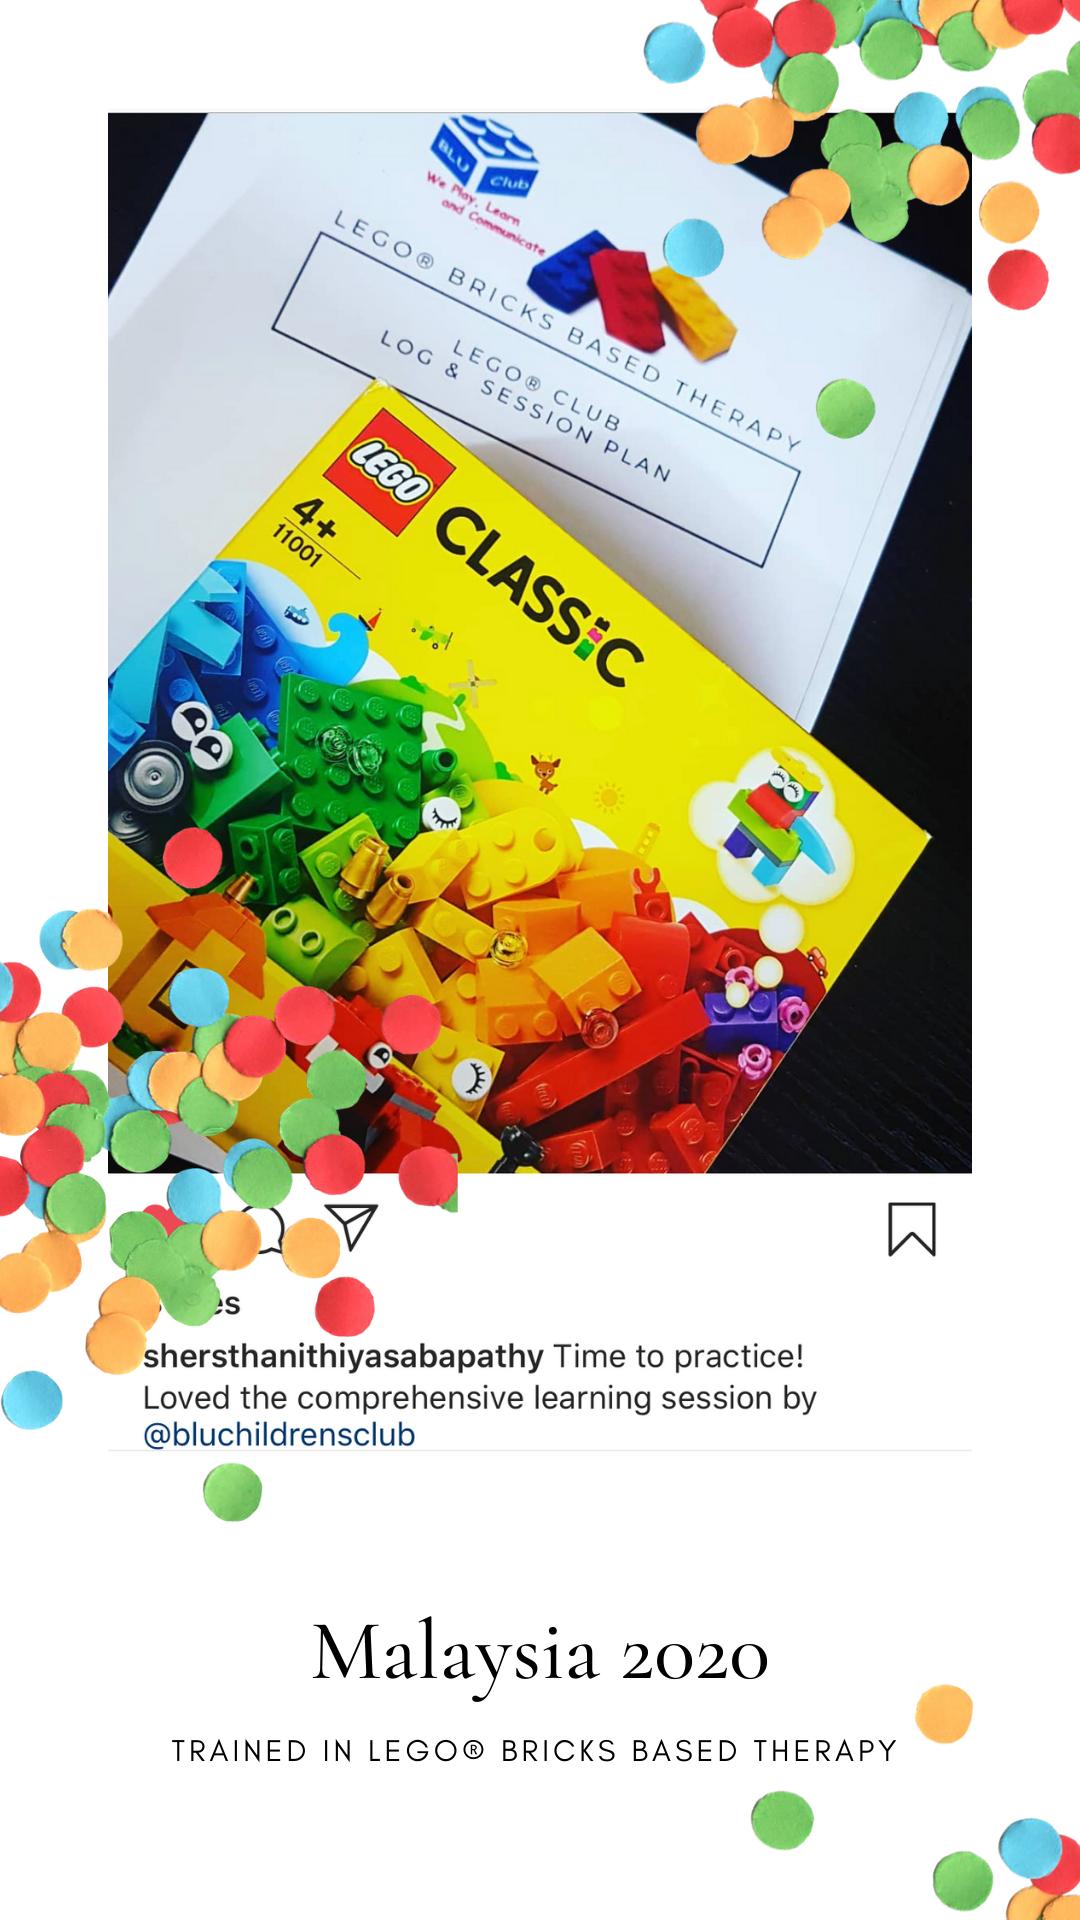 Lego Bricks Based Therapy Training